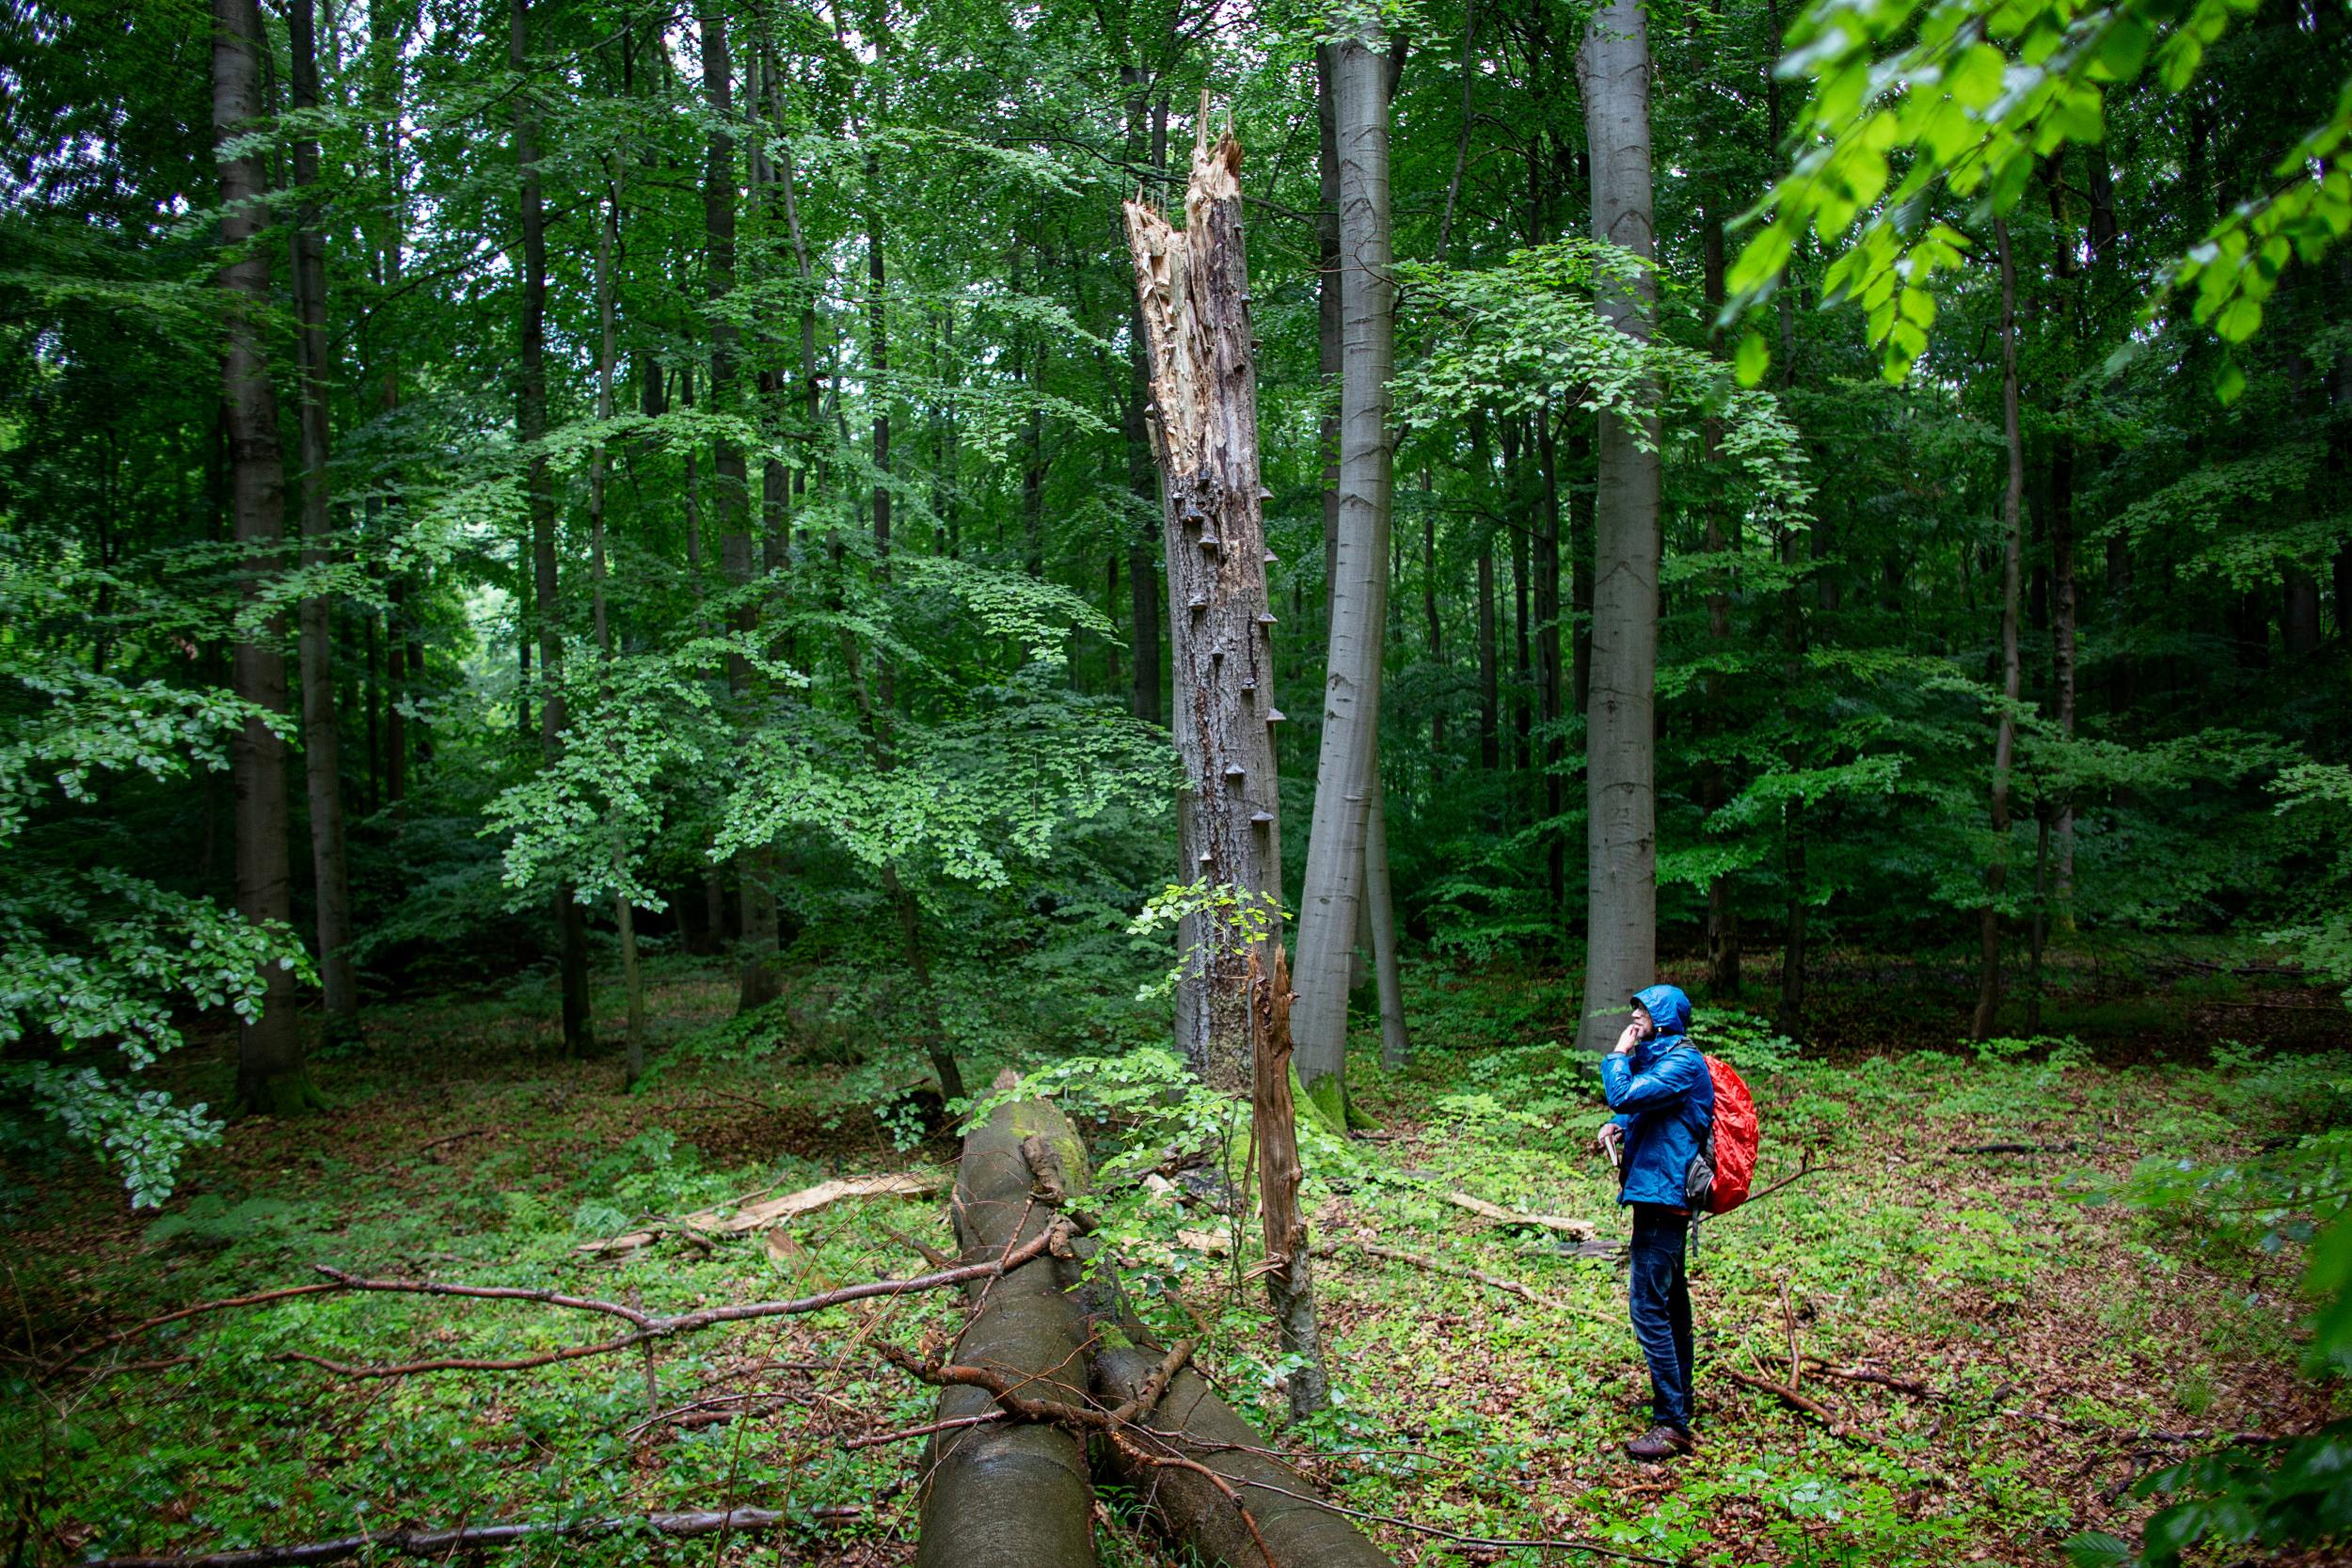 Uriger Wald: Künftig sollen wieder mehr Bäume natürlich altern und sterben wie hier im Hainich in Thüringen